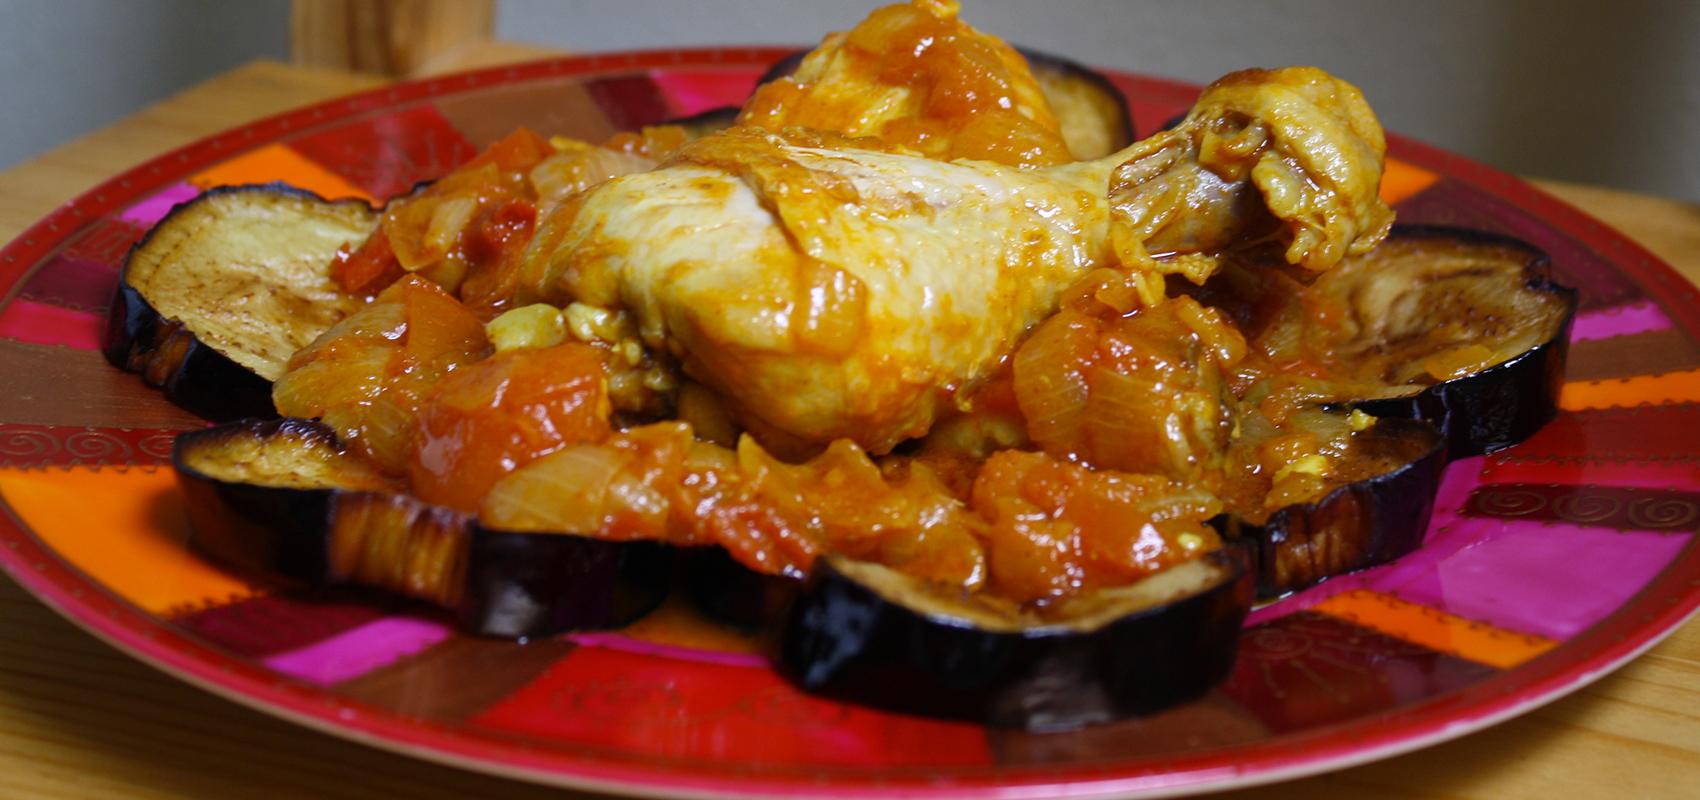 Tajine de poulet et aubergines l 39 alg rienne cuisine du for Dicor de cuisine algerienne